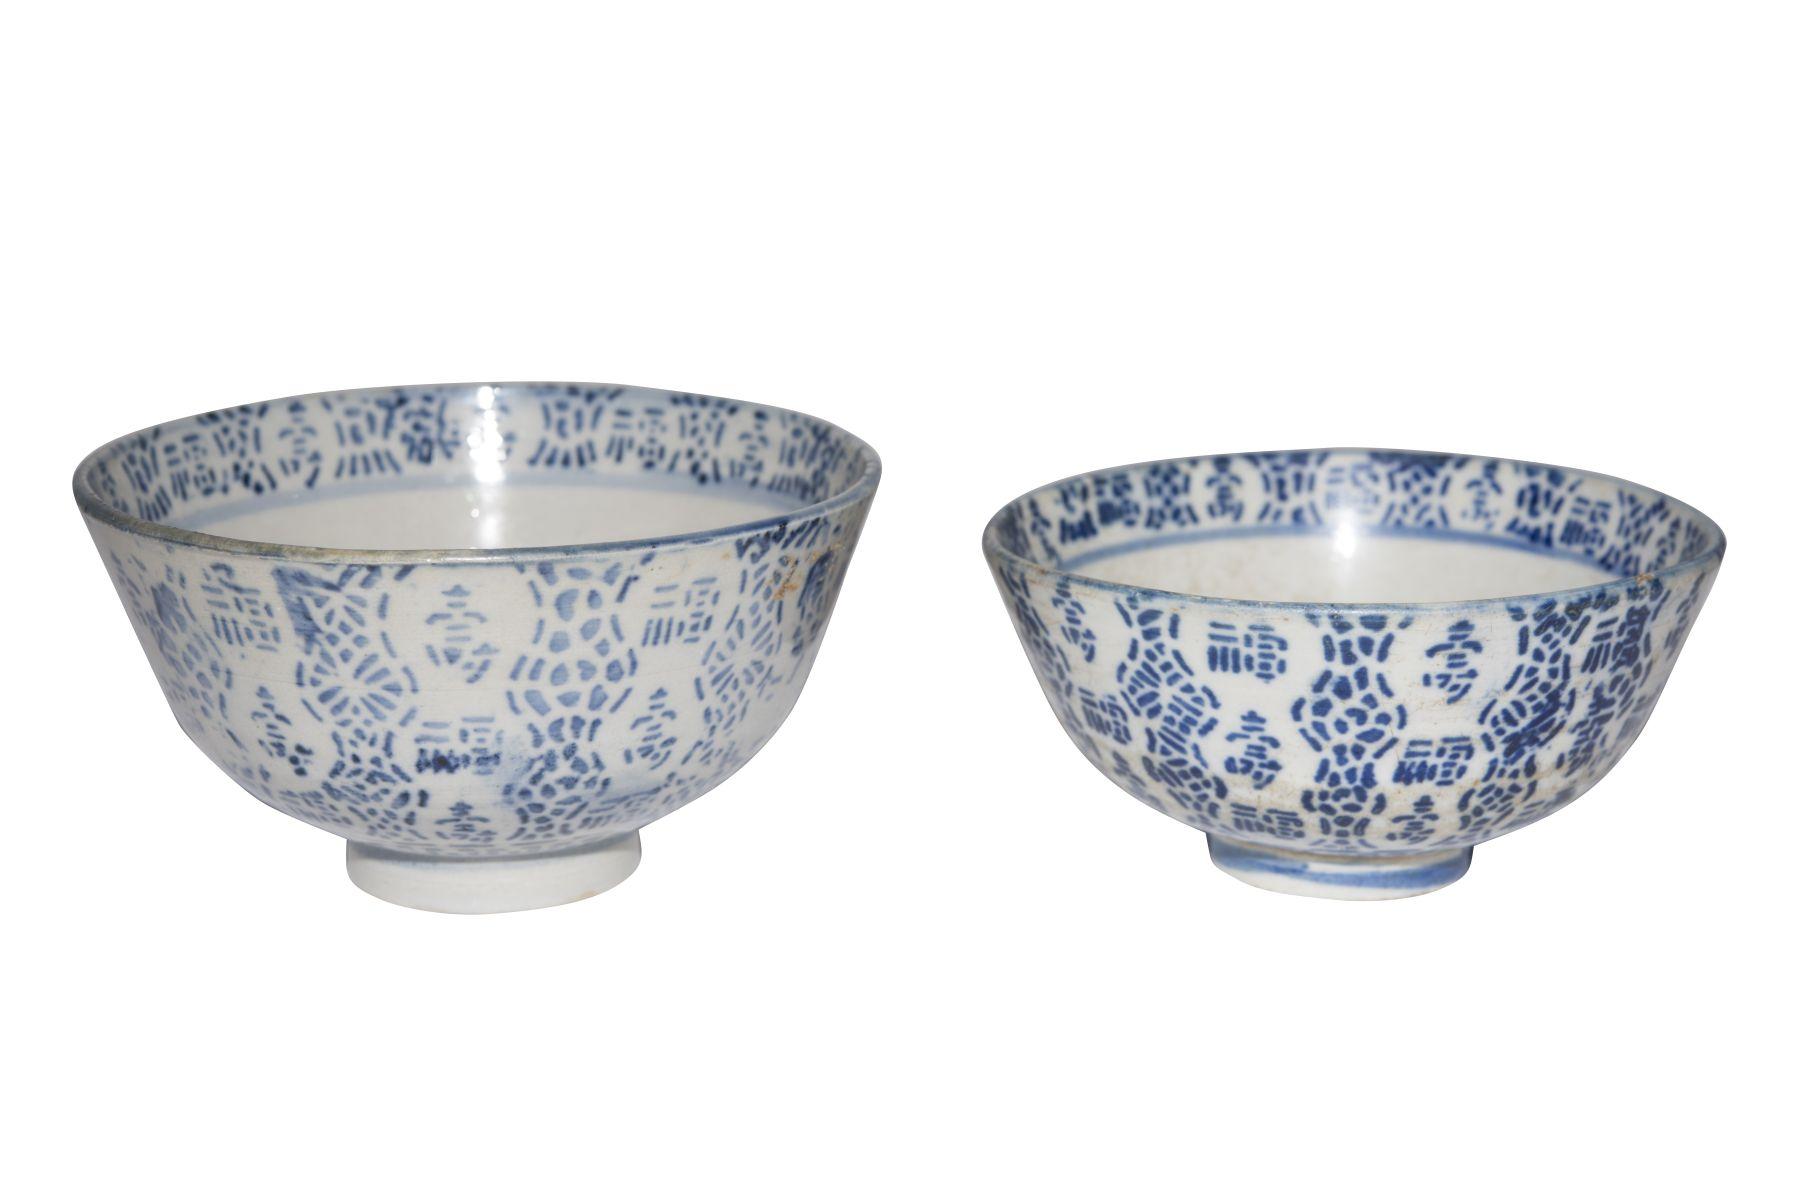 #204 2 rice bowls of different sizes Qing Dynasty | 2 Reisschalen verschiedene Größen Qing Dynastie Image